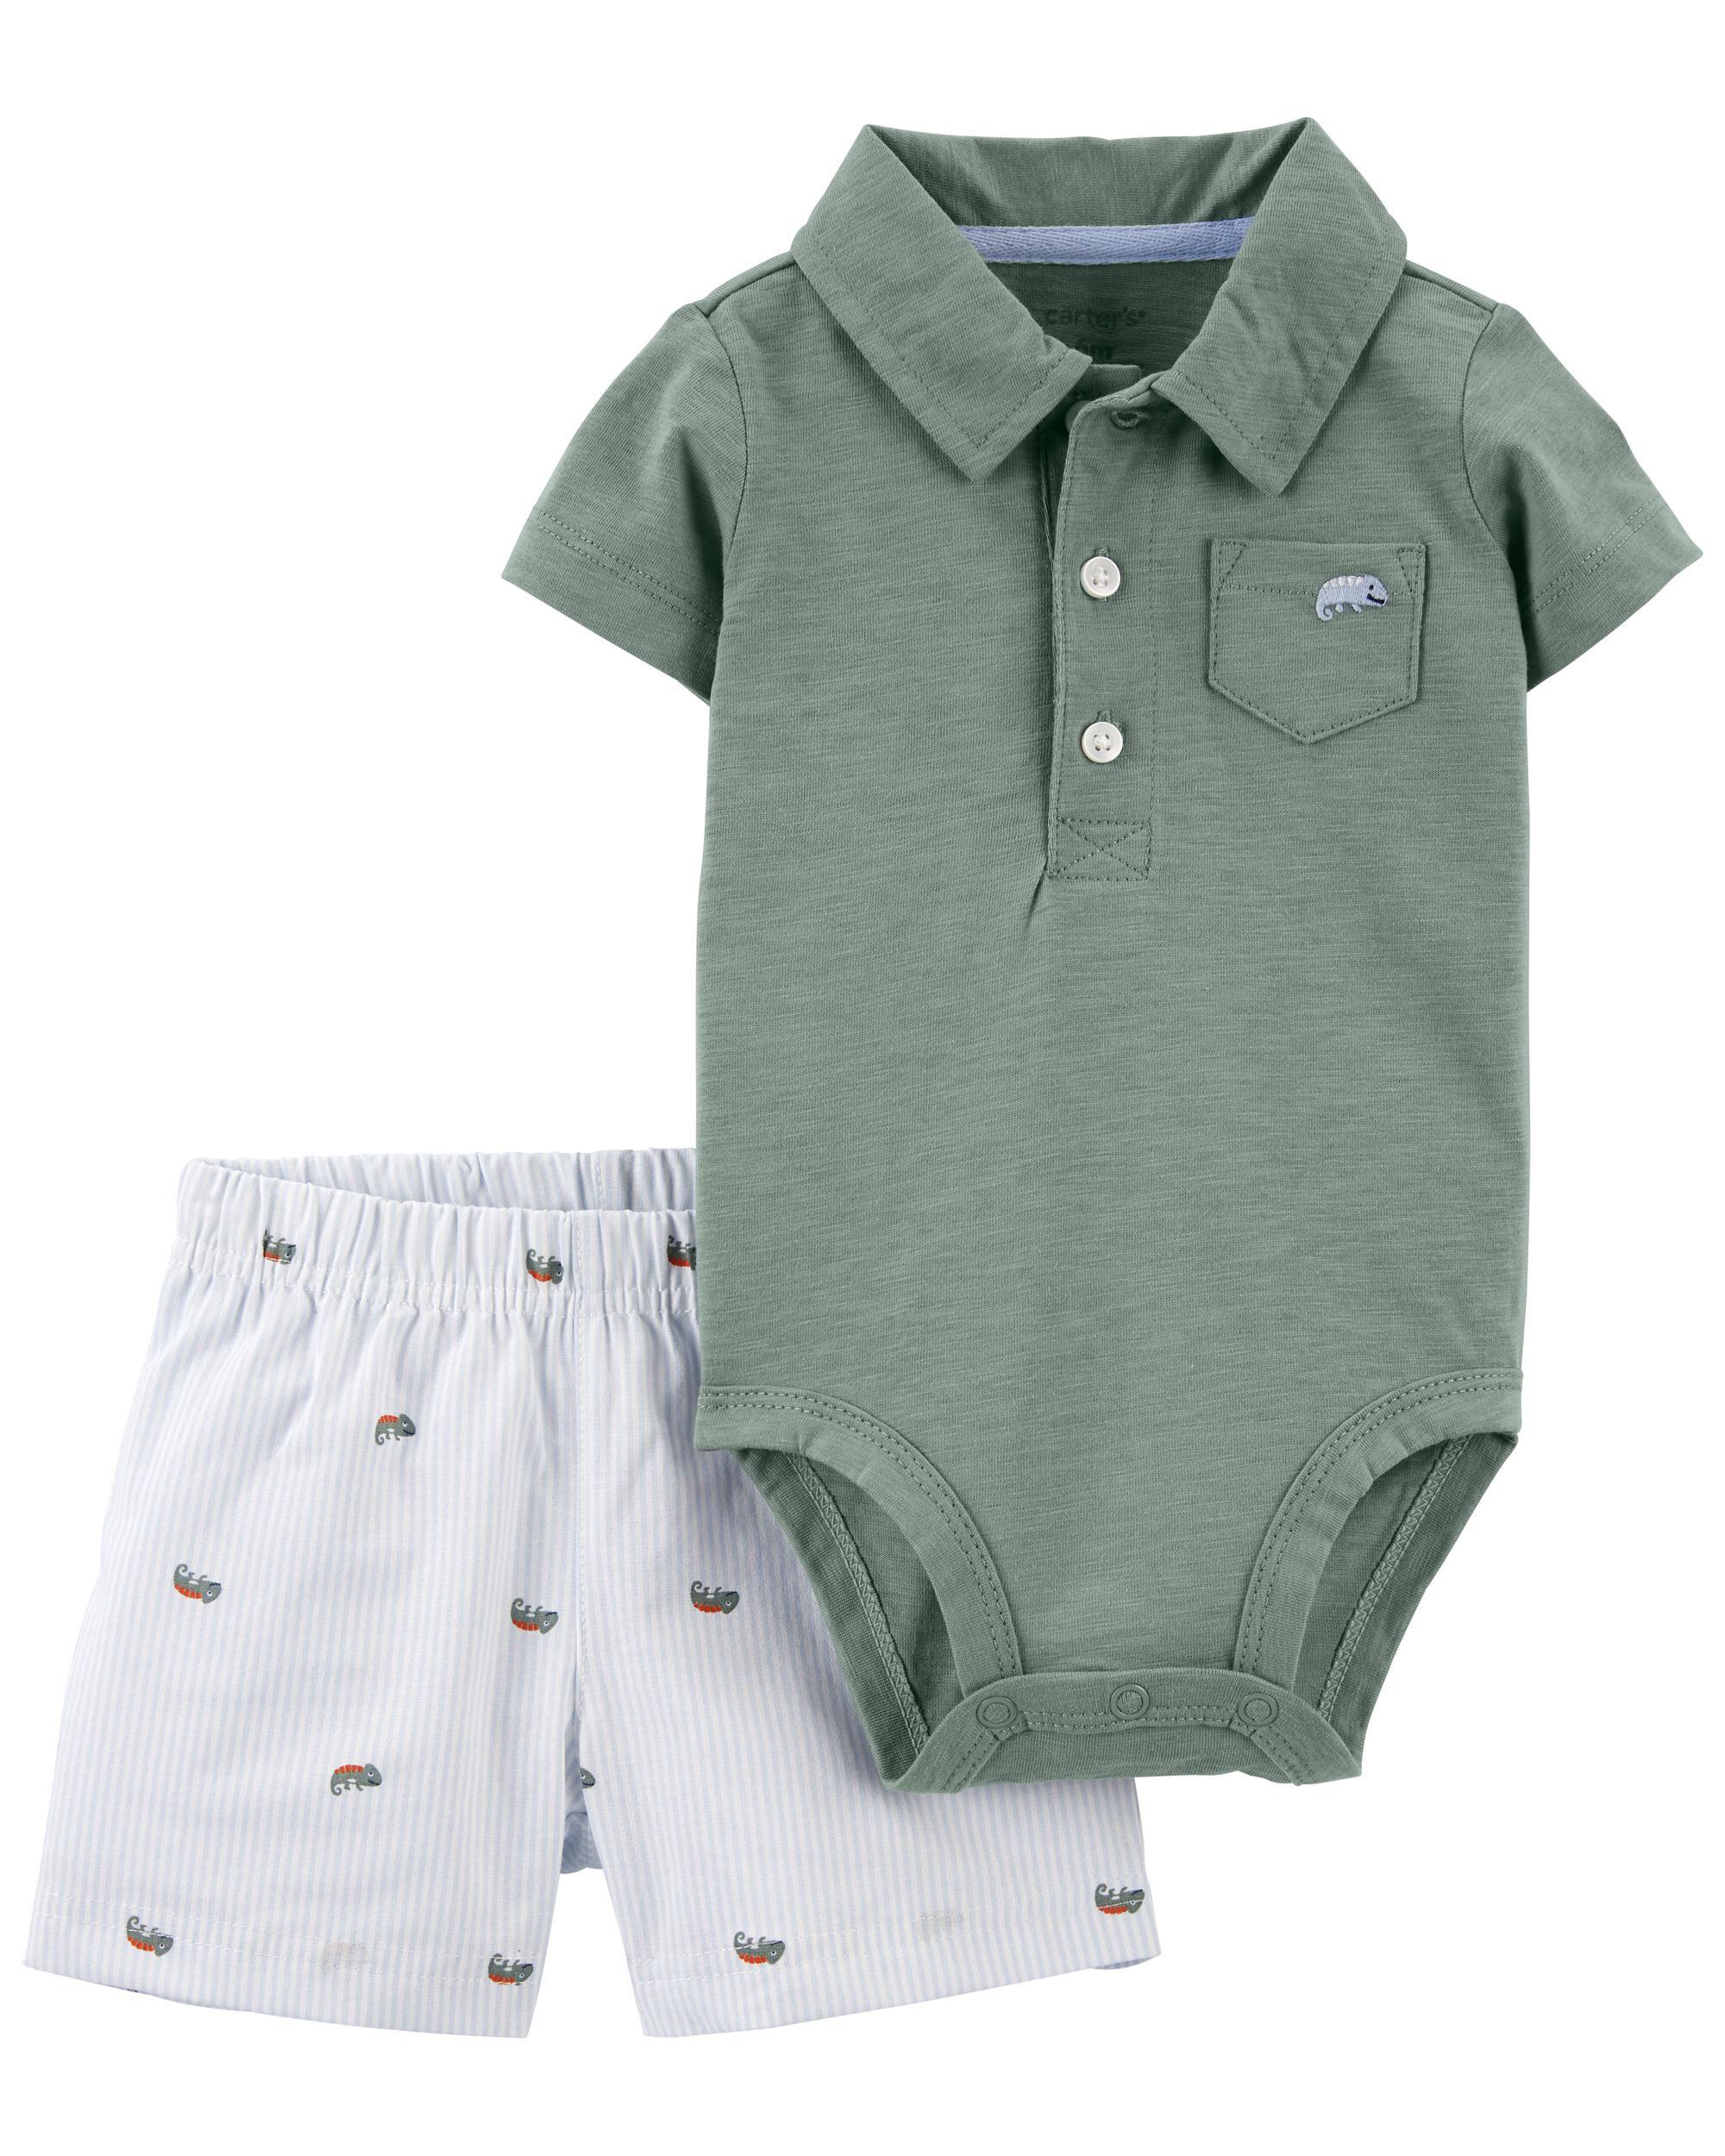 Carters 2-Piece Polo Bodysuit & Short Set